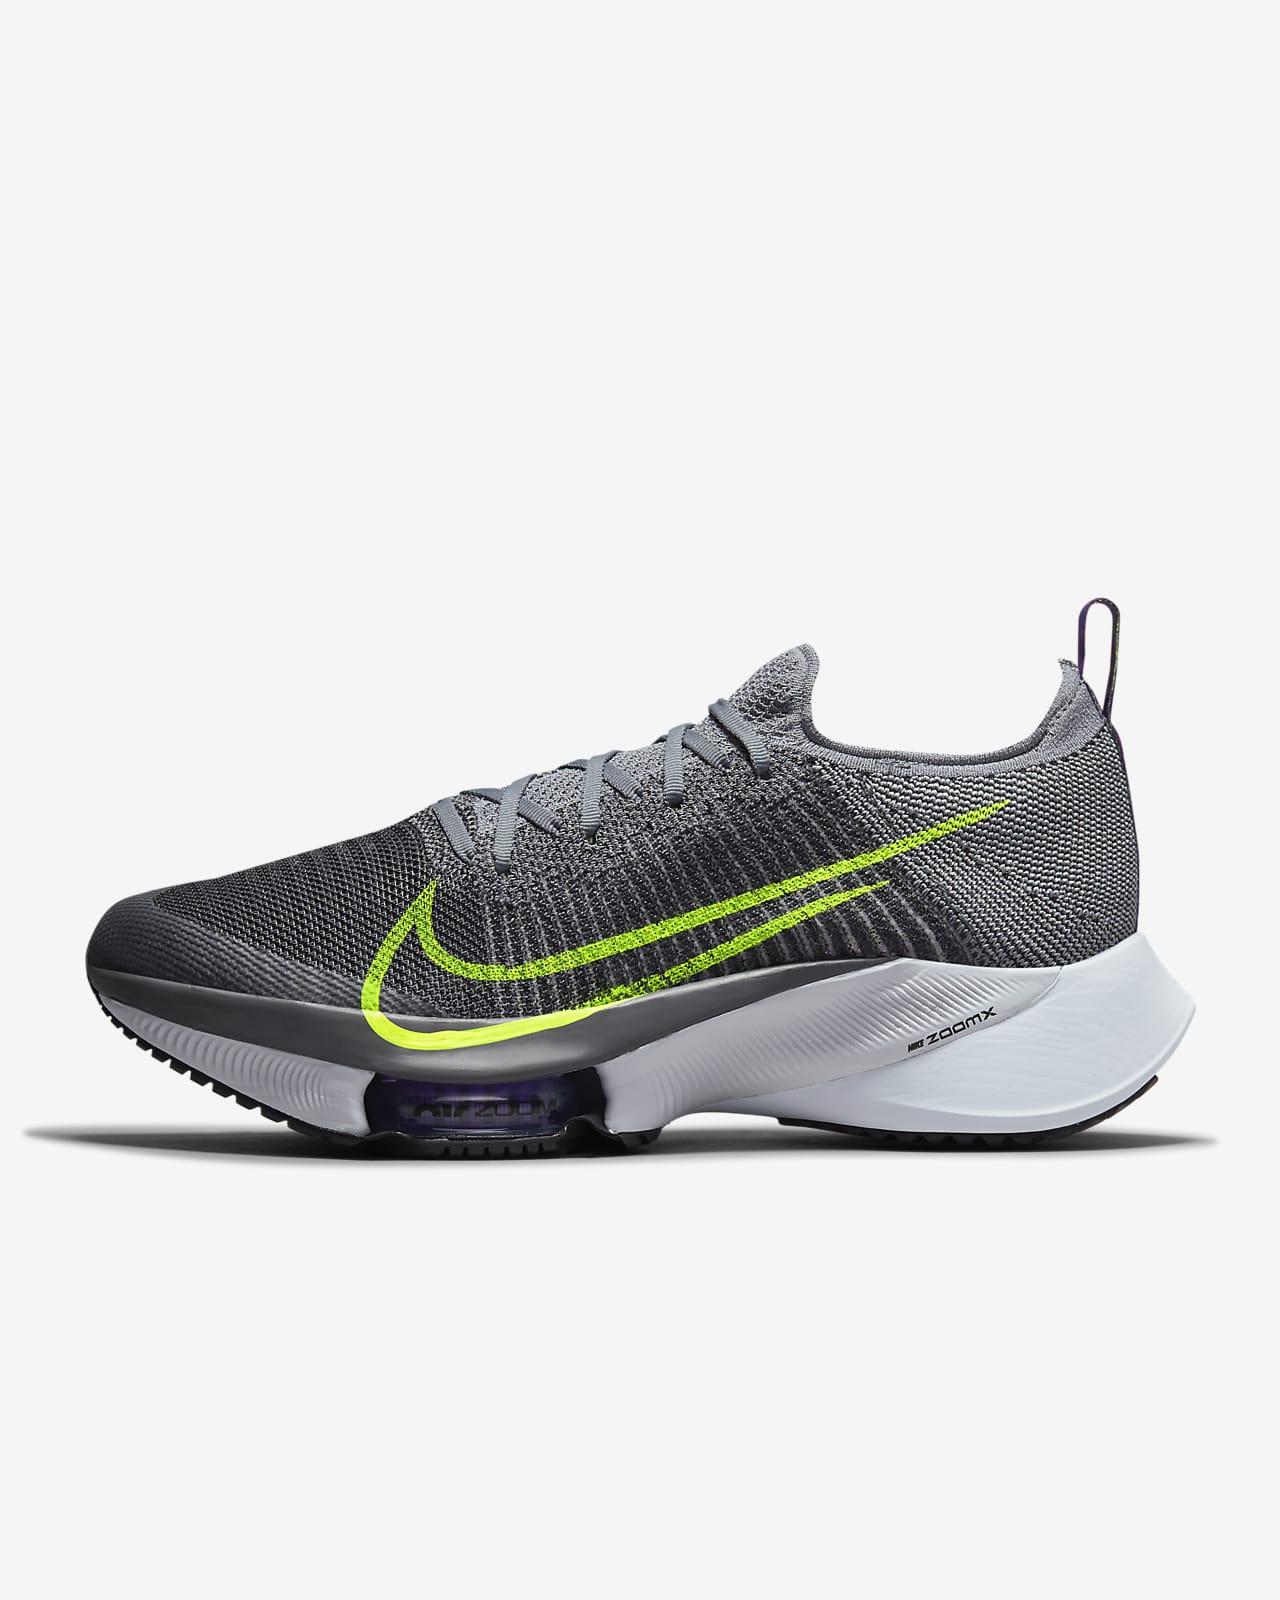 Nike Air Zoom Tempo NEXT% Zapatillas de running - Hombre